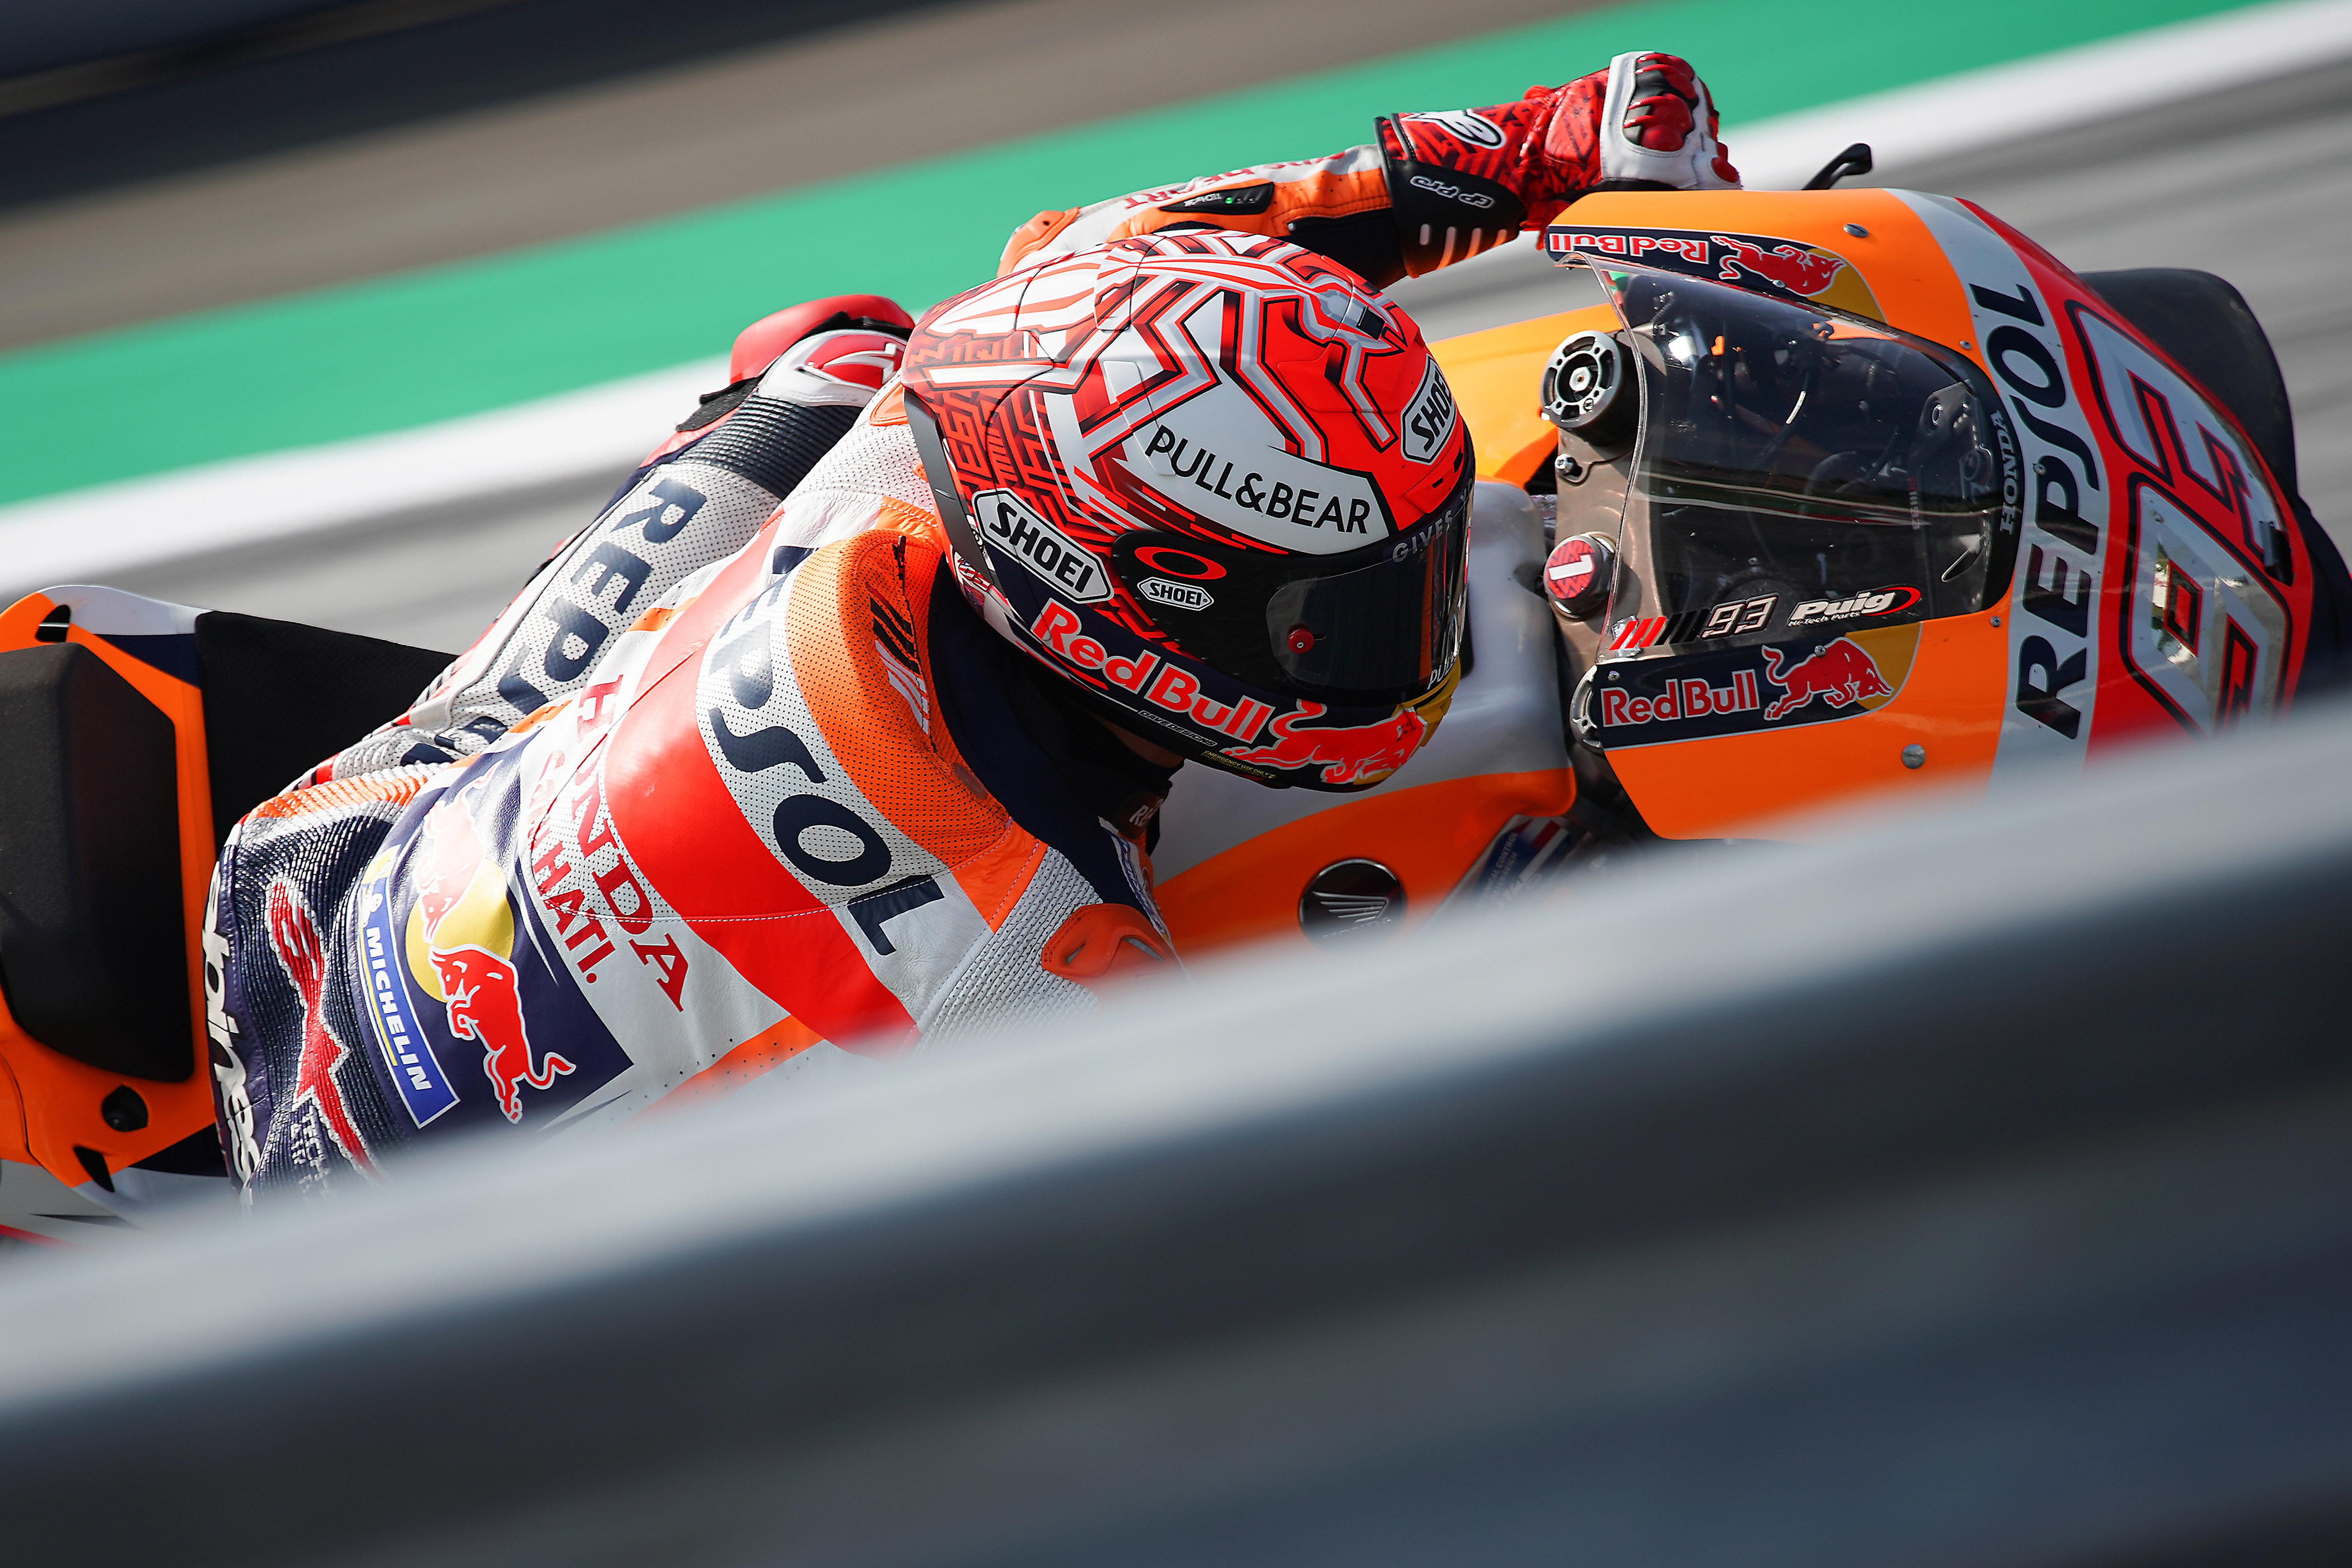 Marc Márquez de nuevo en Pole, ante el ejército Ducati